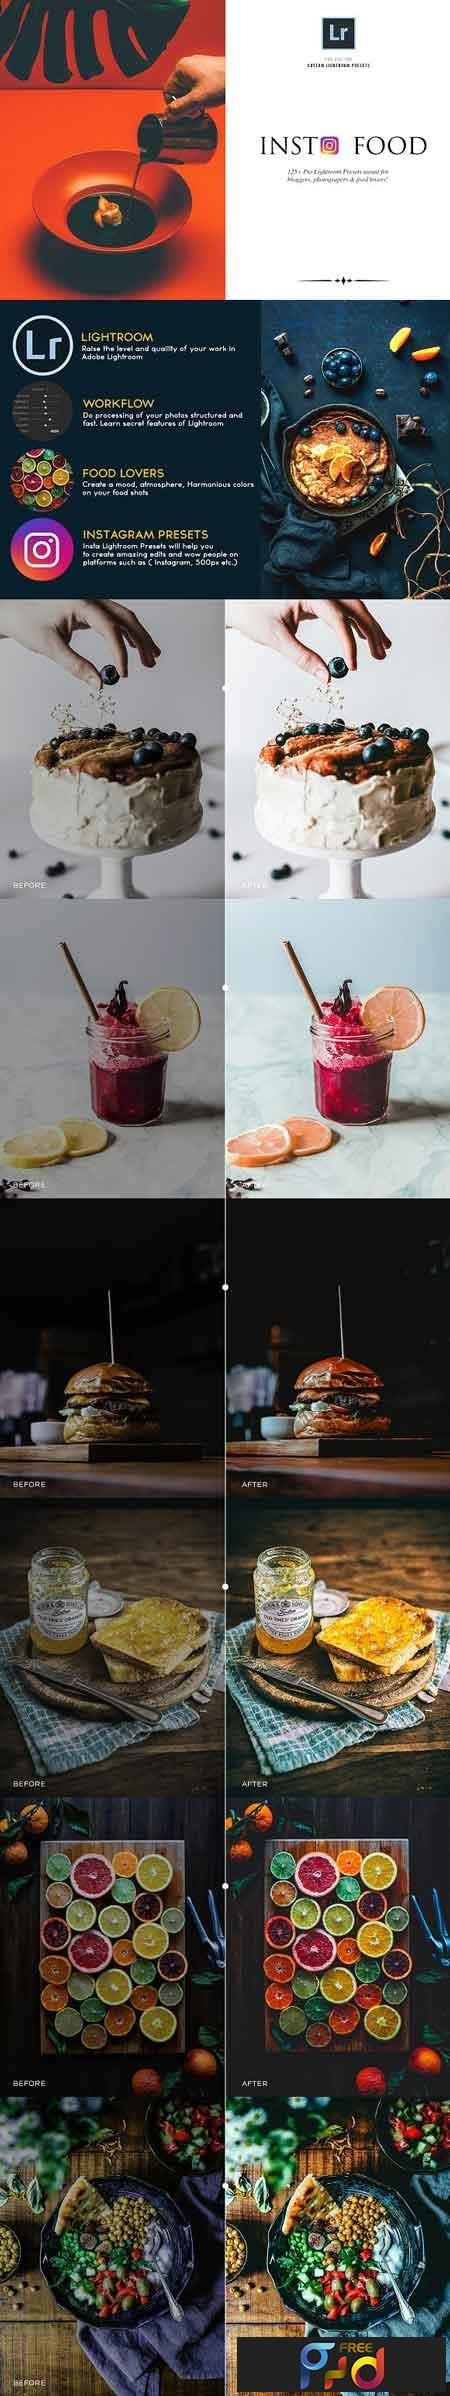 Instagram Food - Lightroom Presets 3279863 1